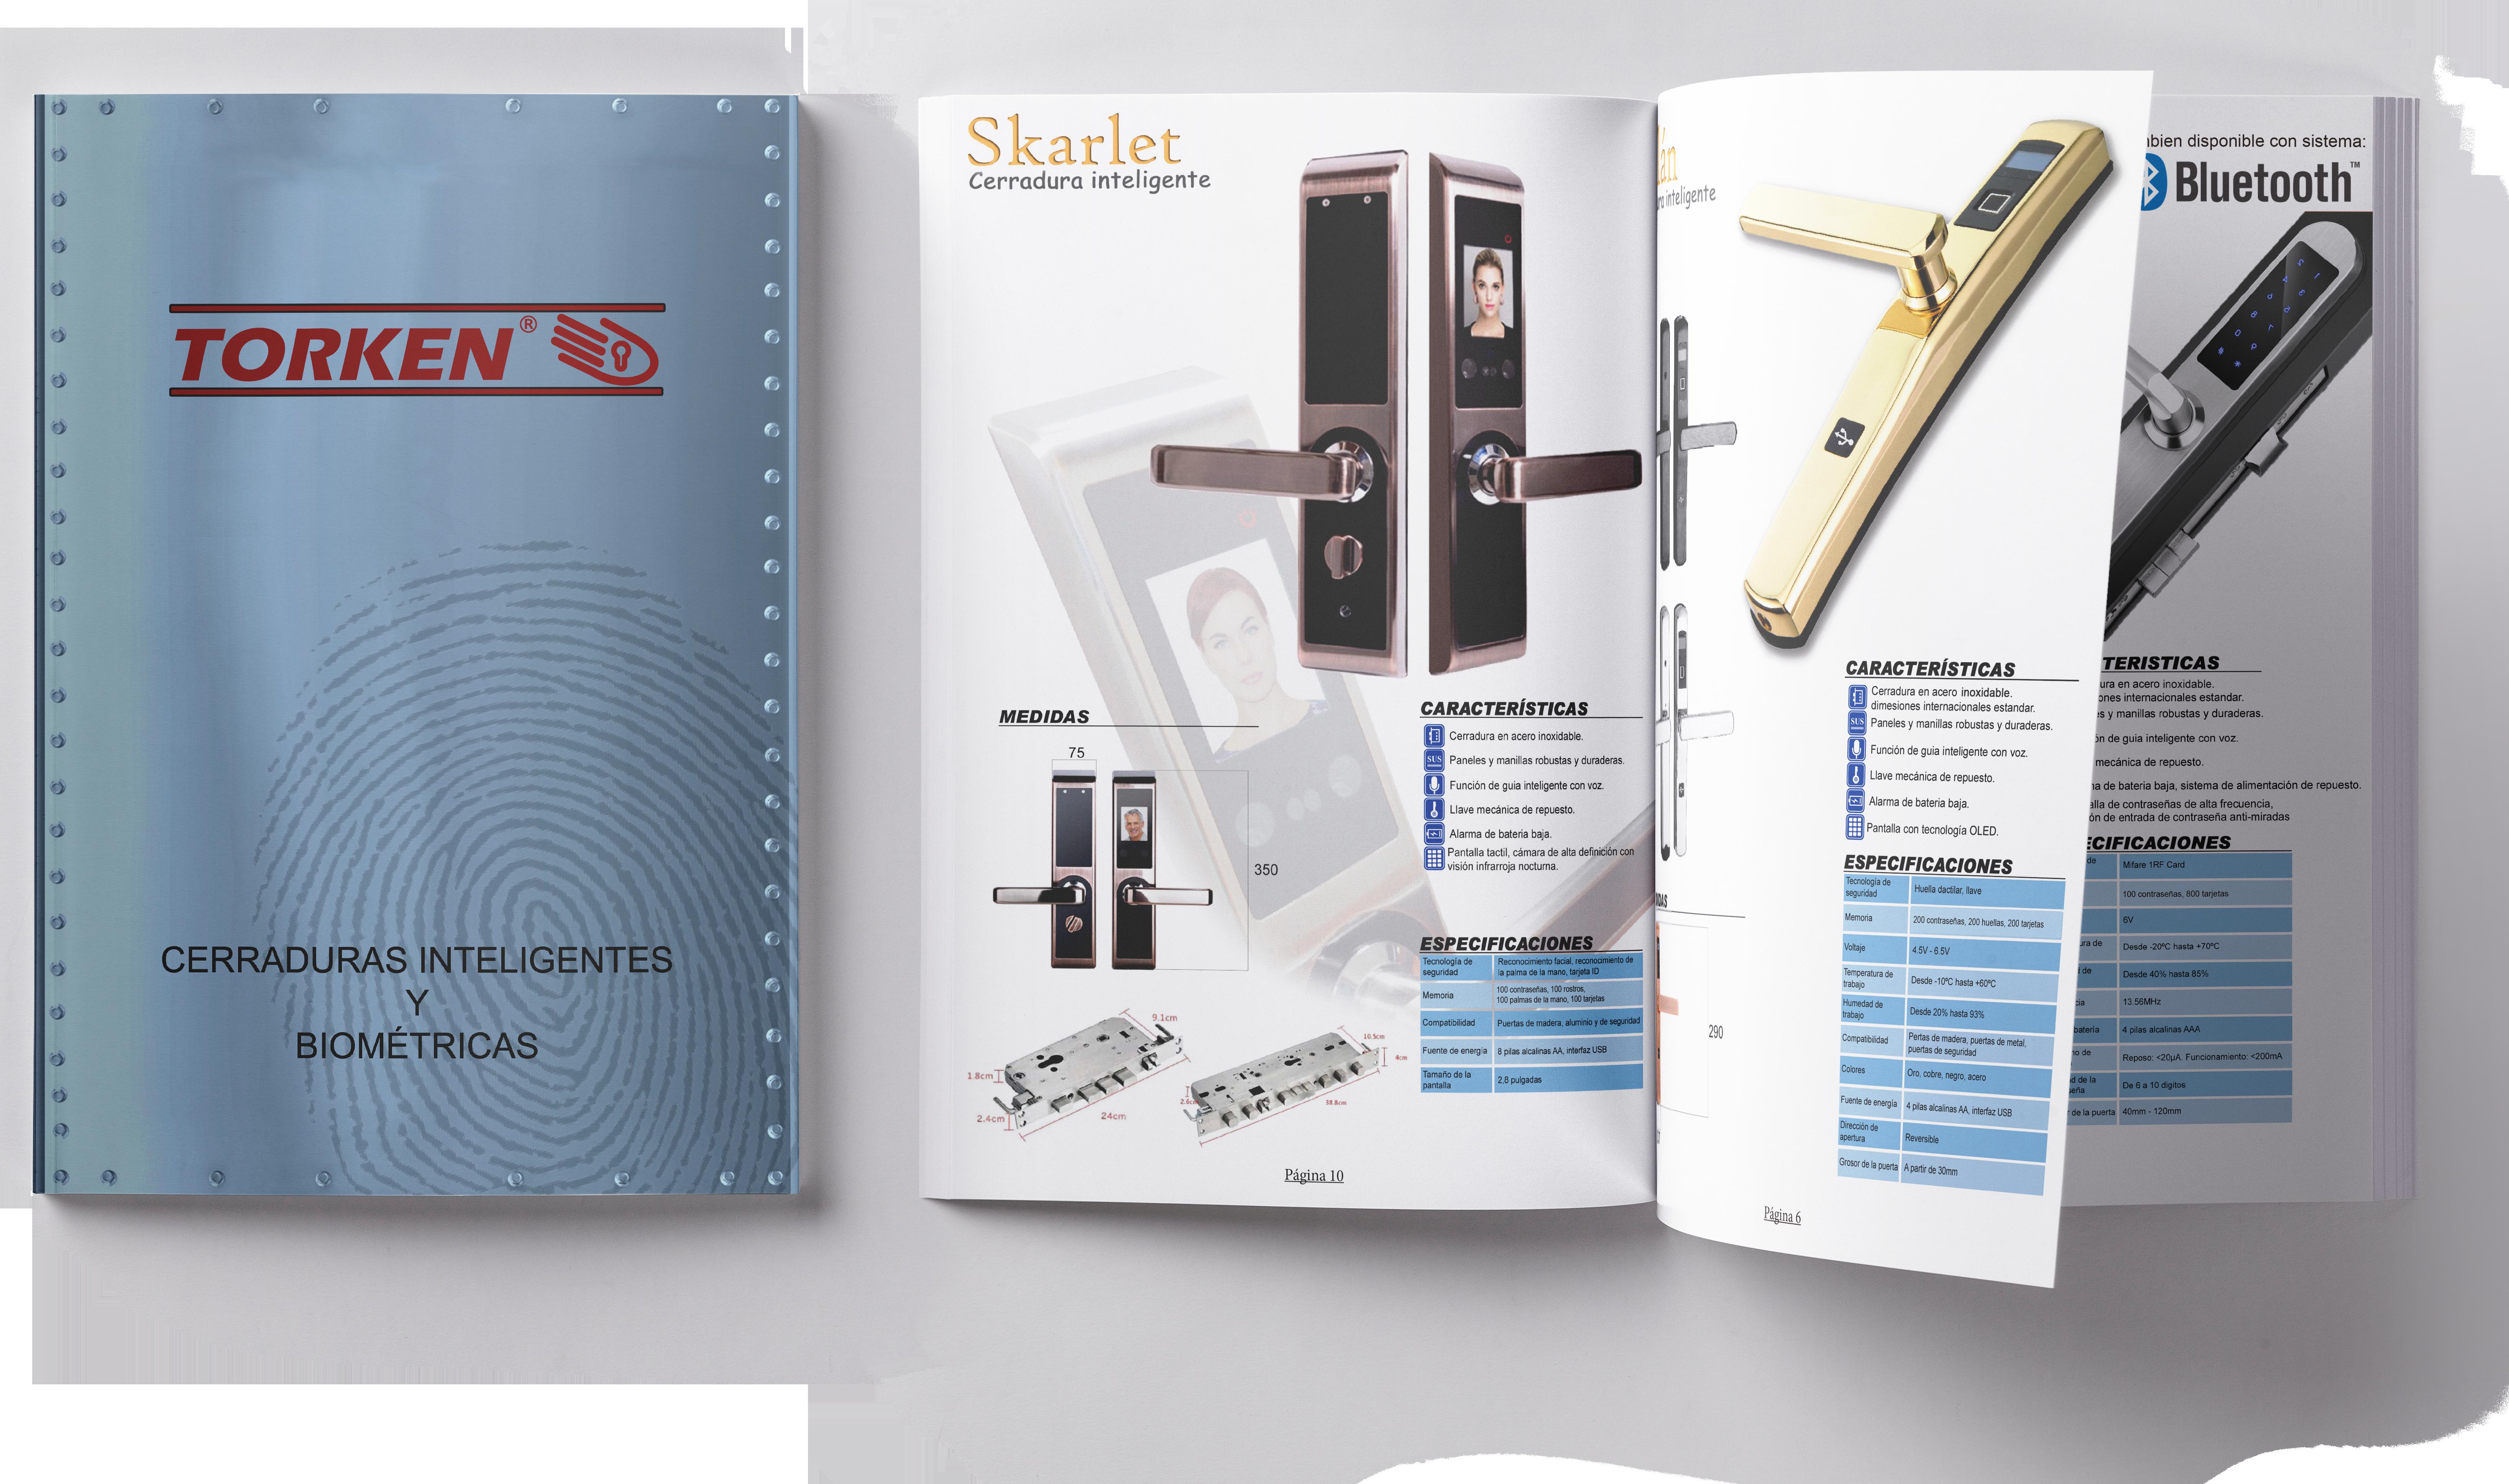 Catalogo cerraduras inteligentes y biometricas para puertas y ventanas de Aluminio y PVC